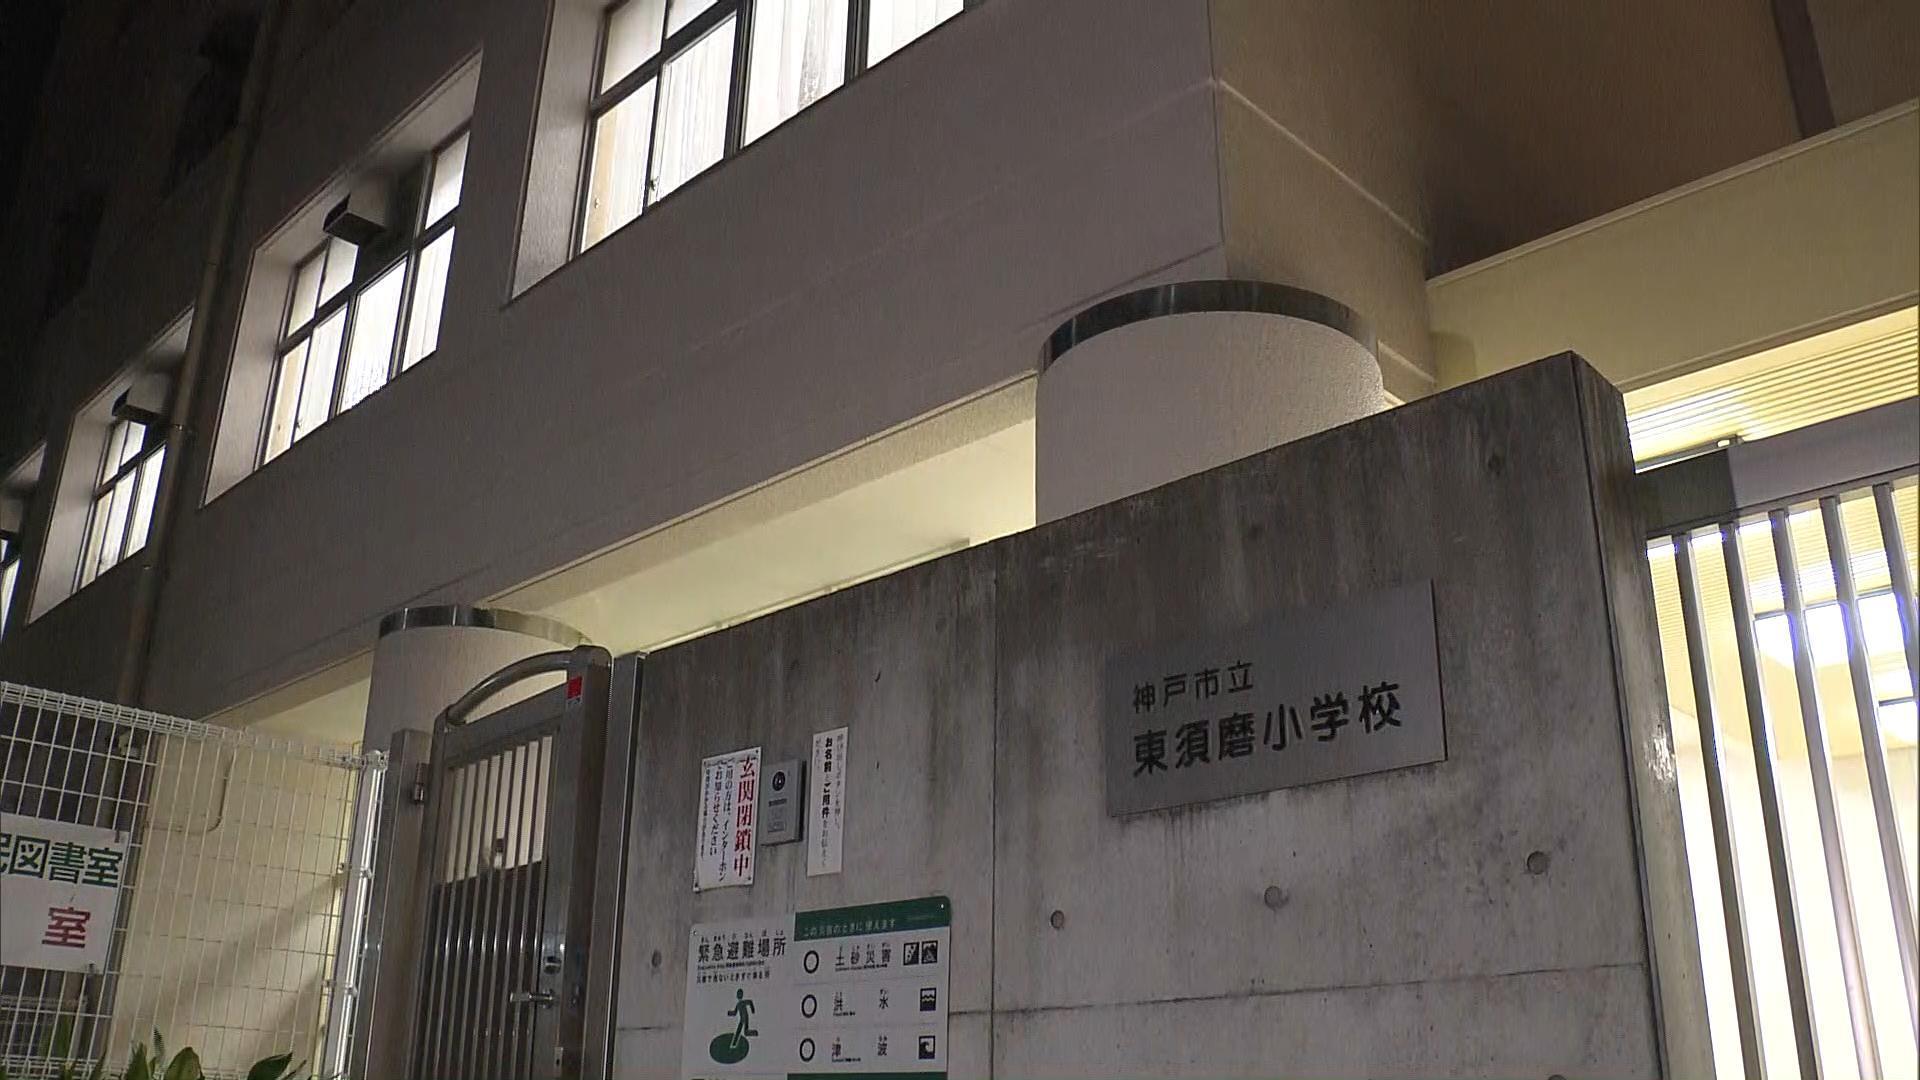 【教師いじめ】神戸いじめ教師の女帝、なんと被害教諭に惚れていた、彼女発覚から態度が豹変する